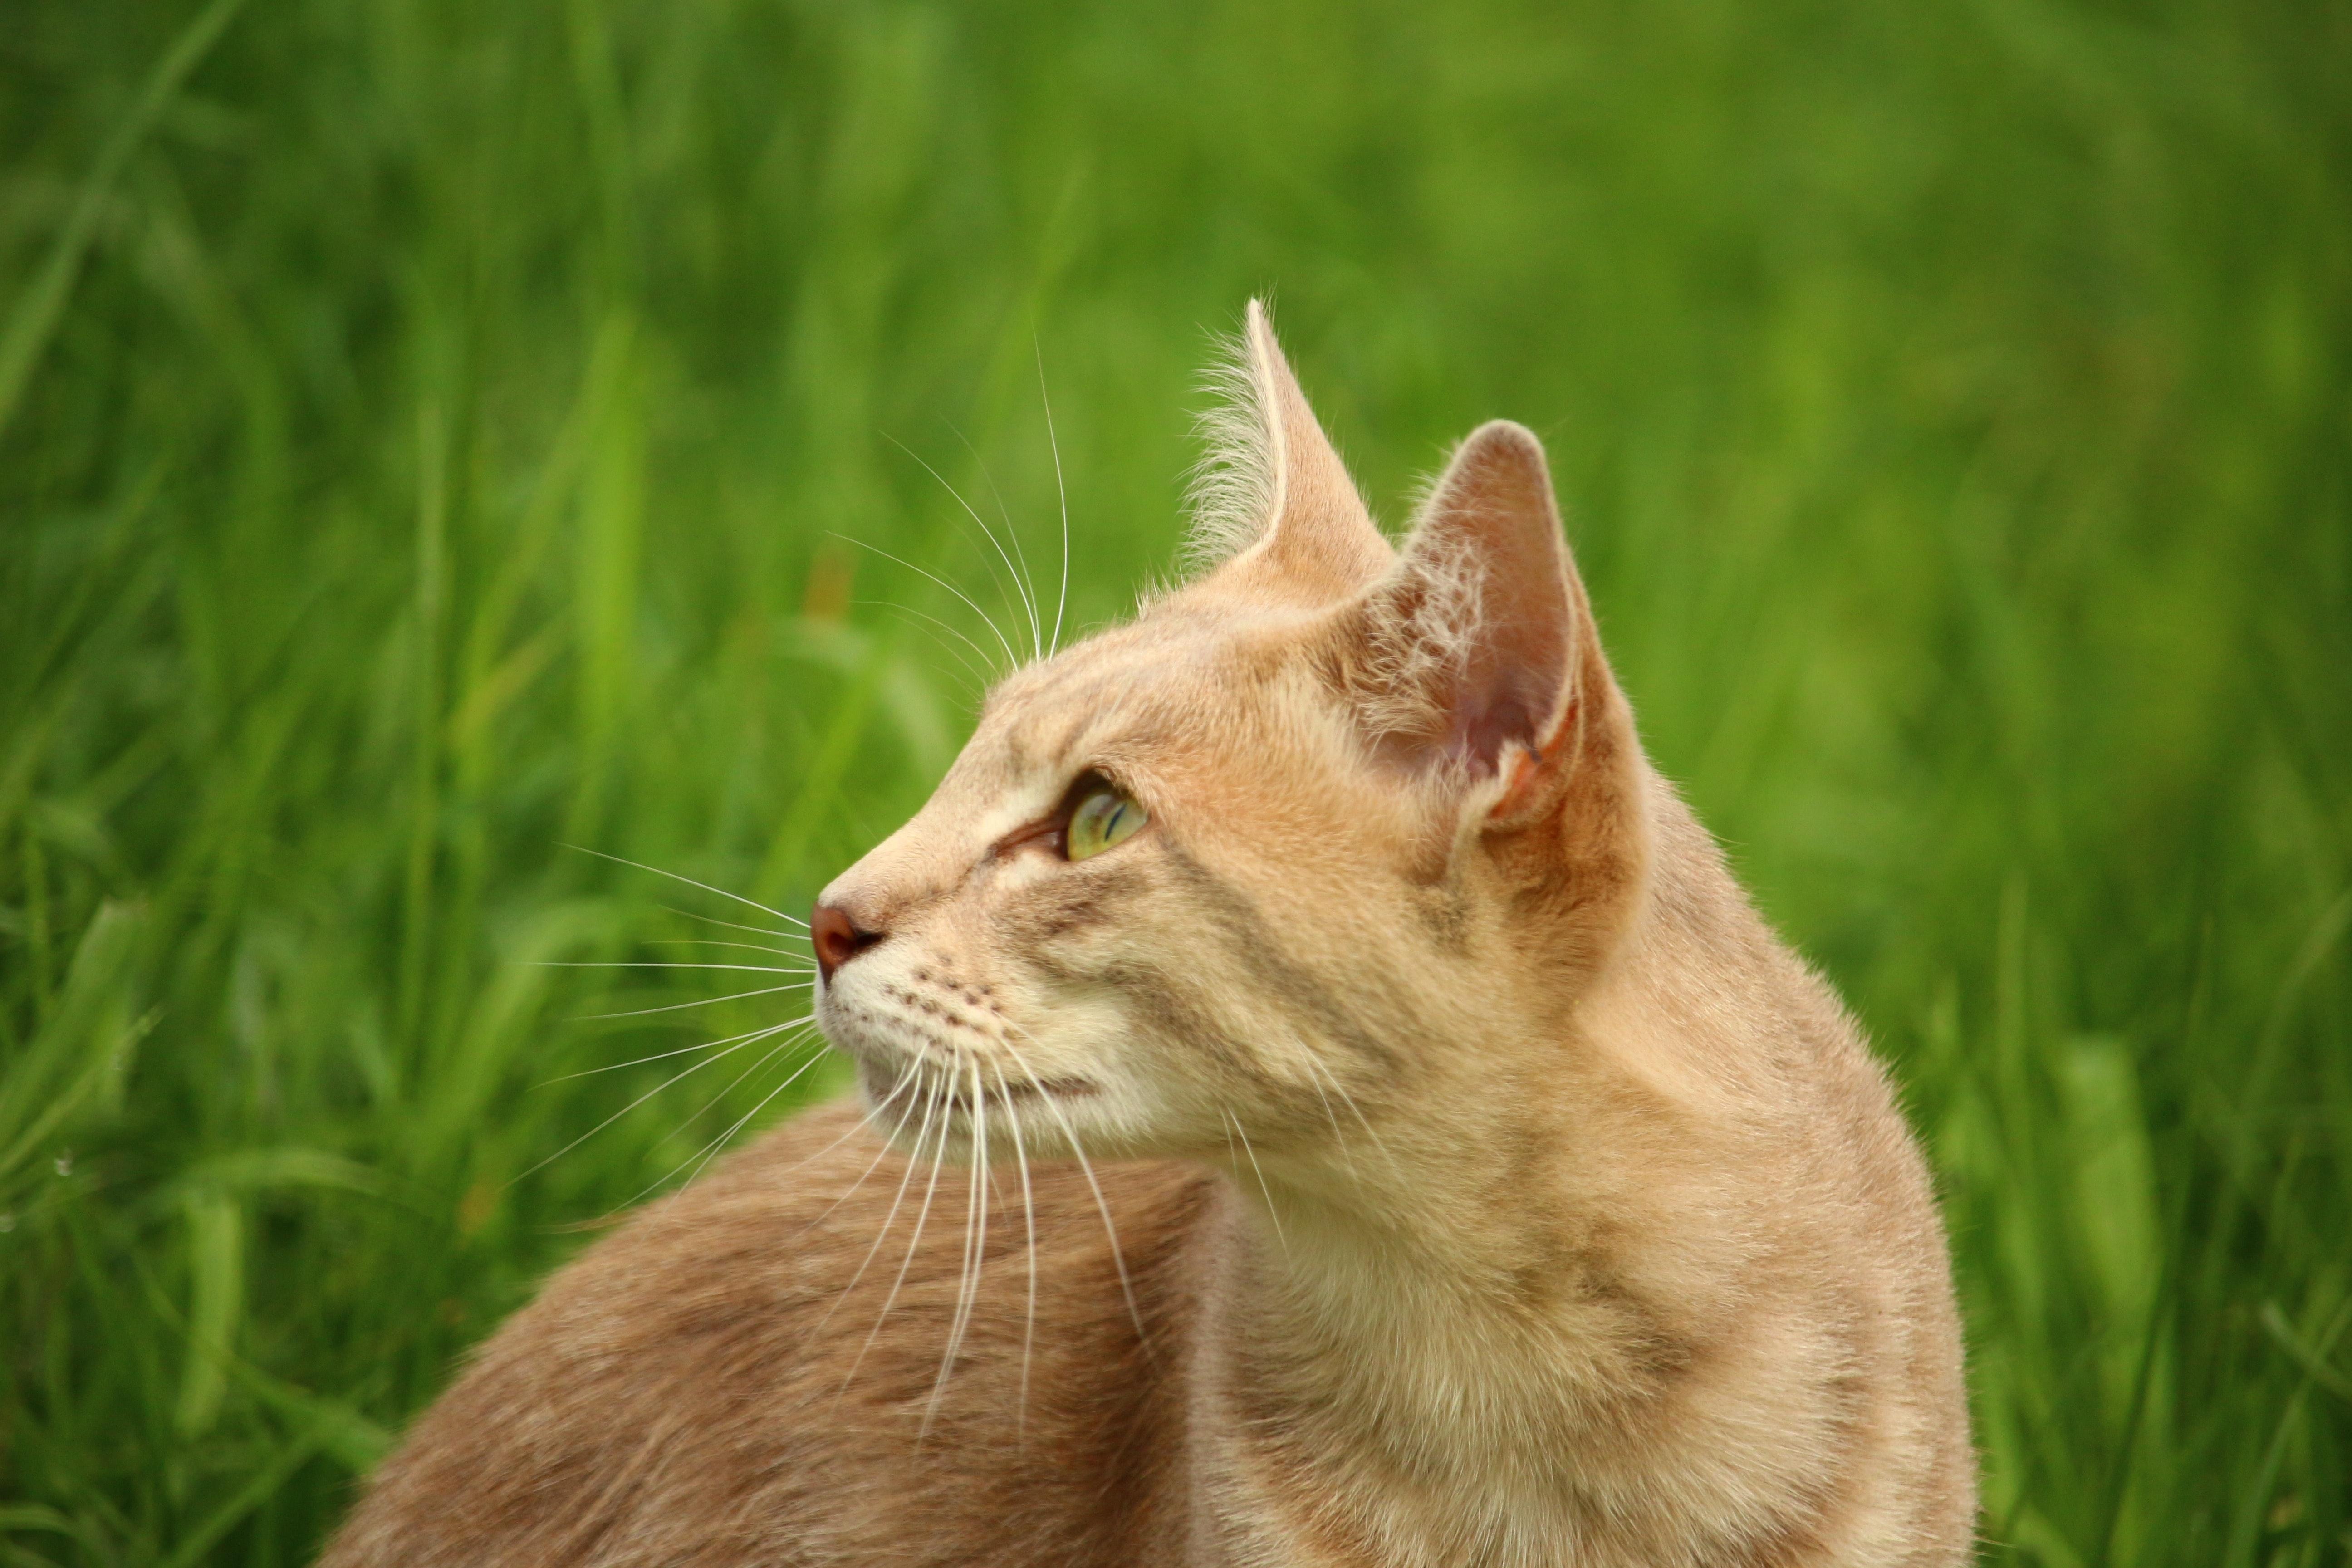 Download 68+ Gambar Kucing Dari Samping Terbaik Gratis